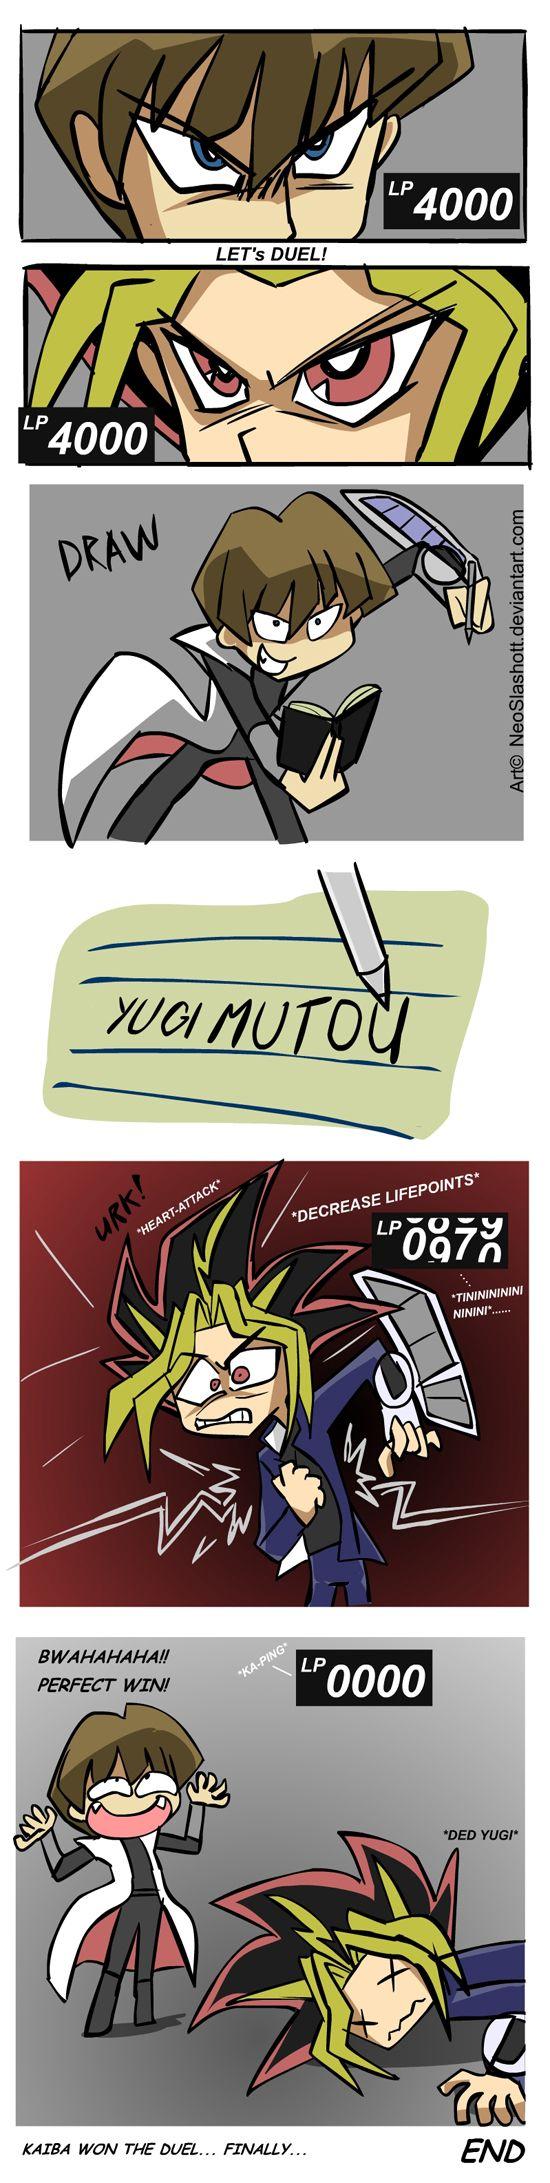 YGO - Duel to the Death by NeoSlashott.deviantart.com on @deviantART